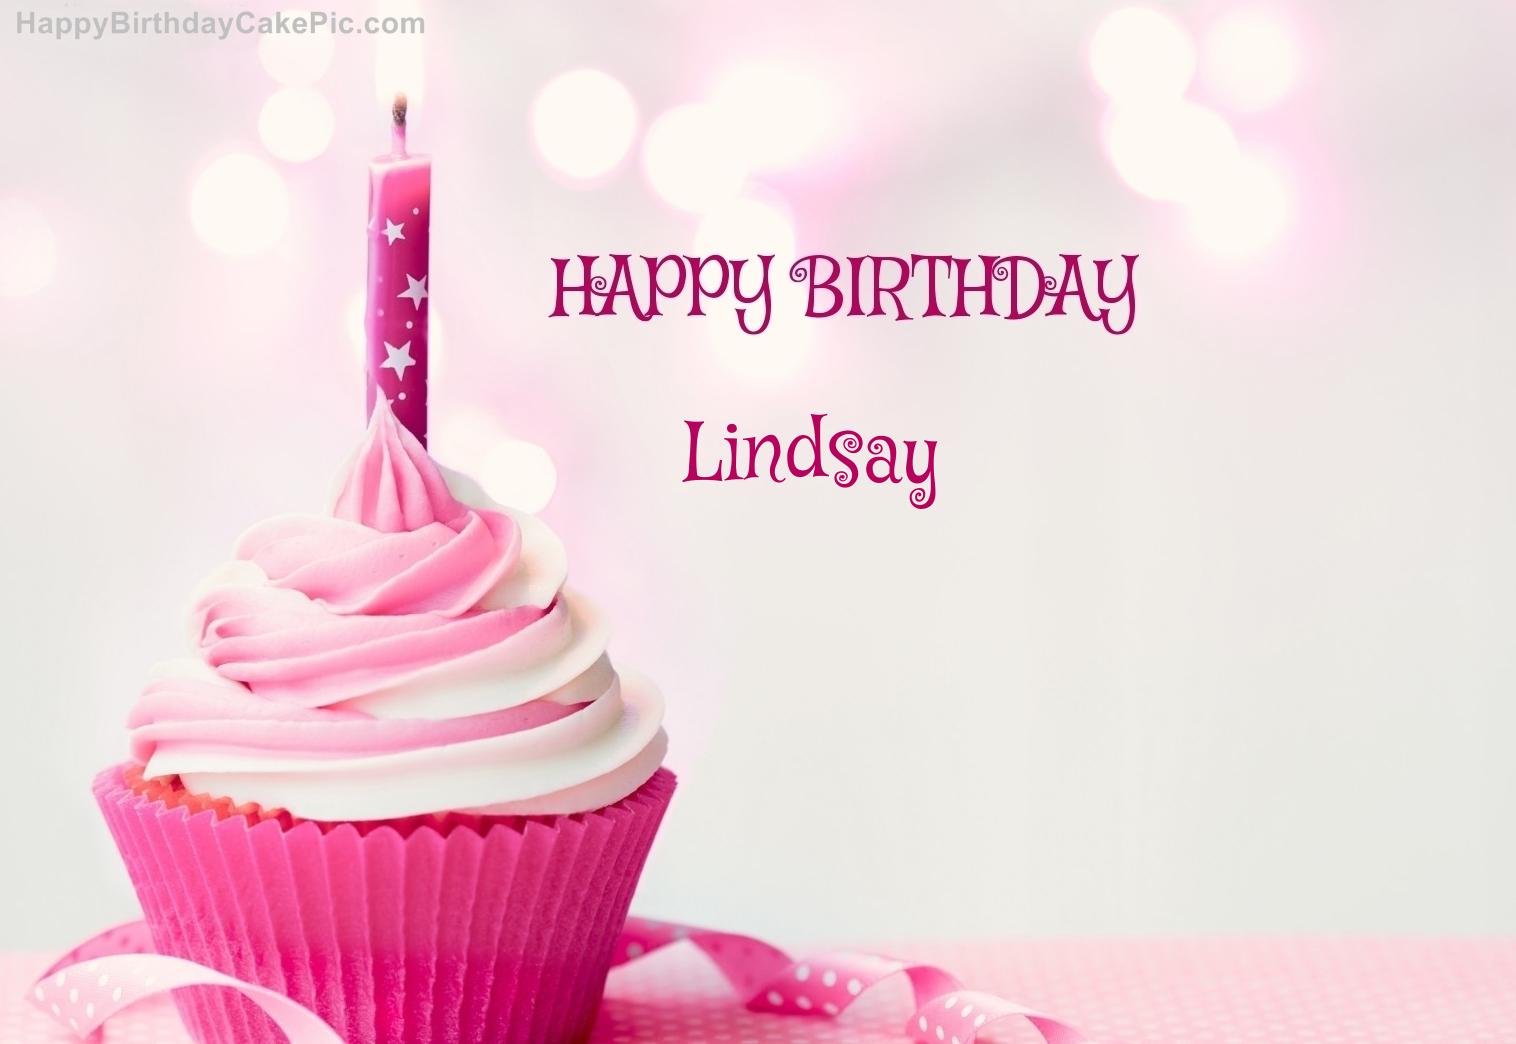 Lindsay Birthday Cake